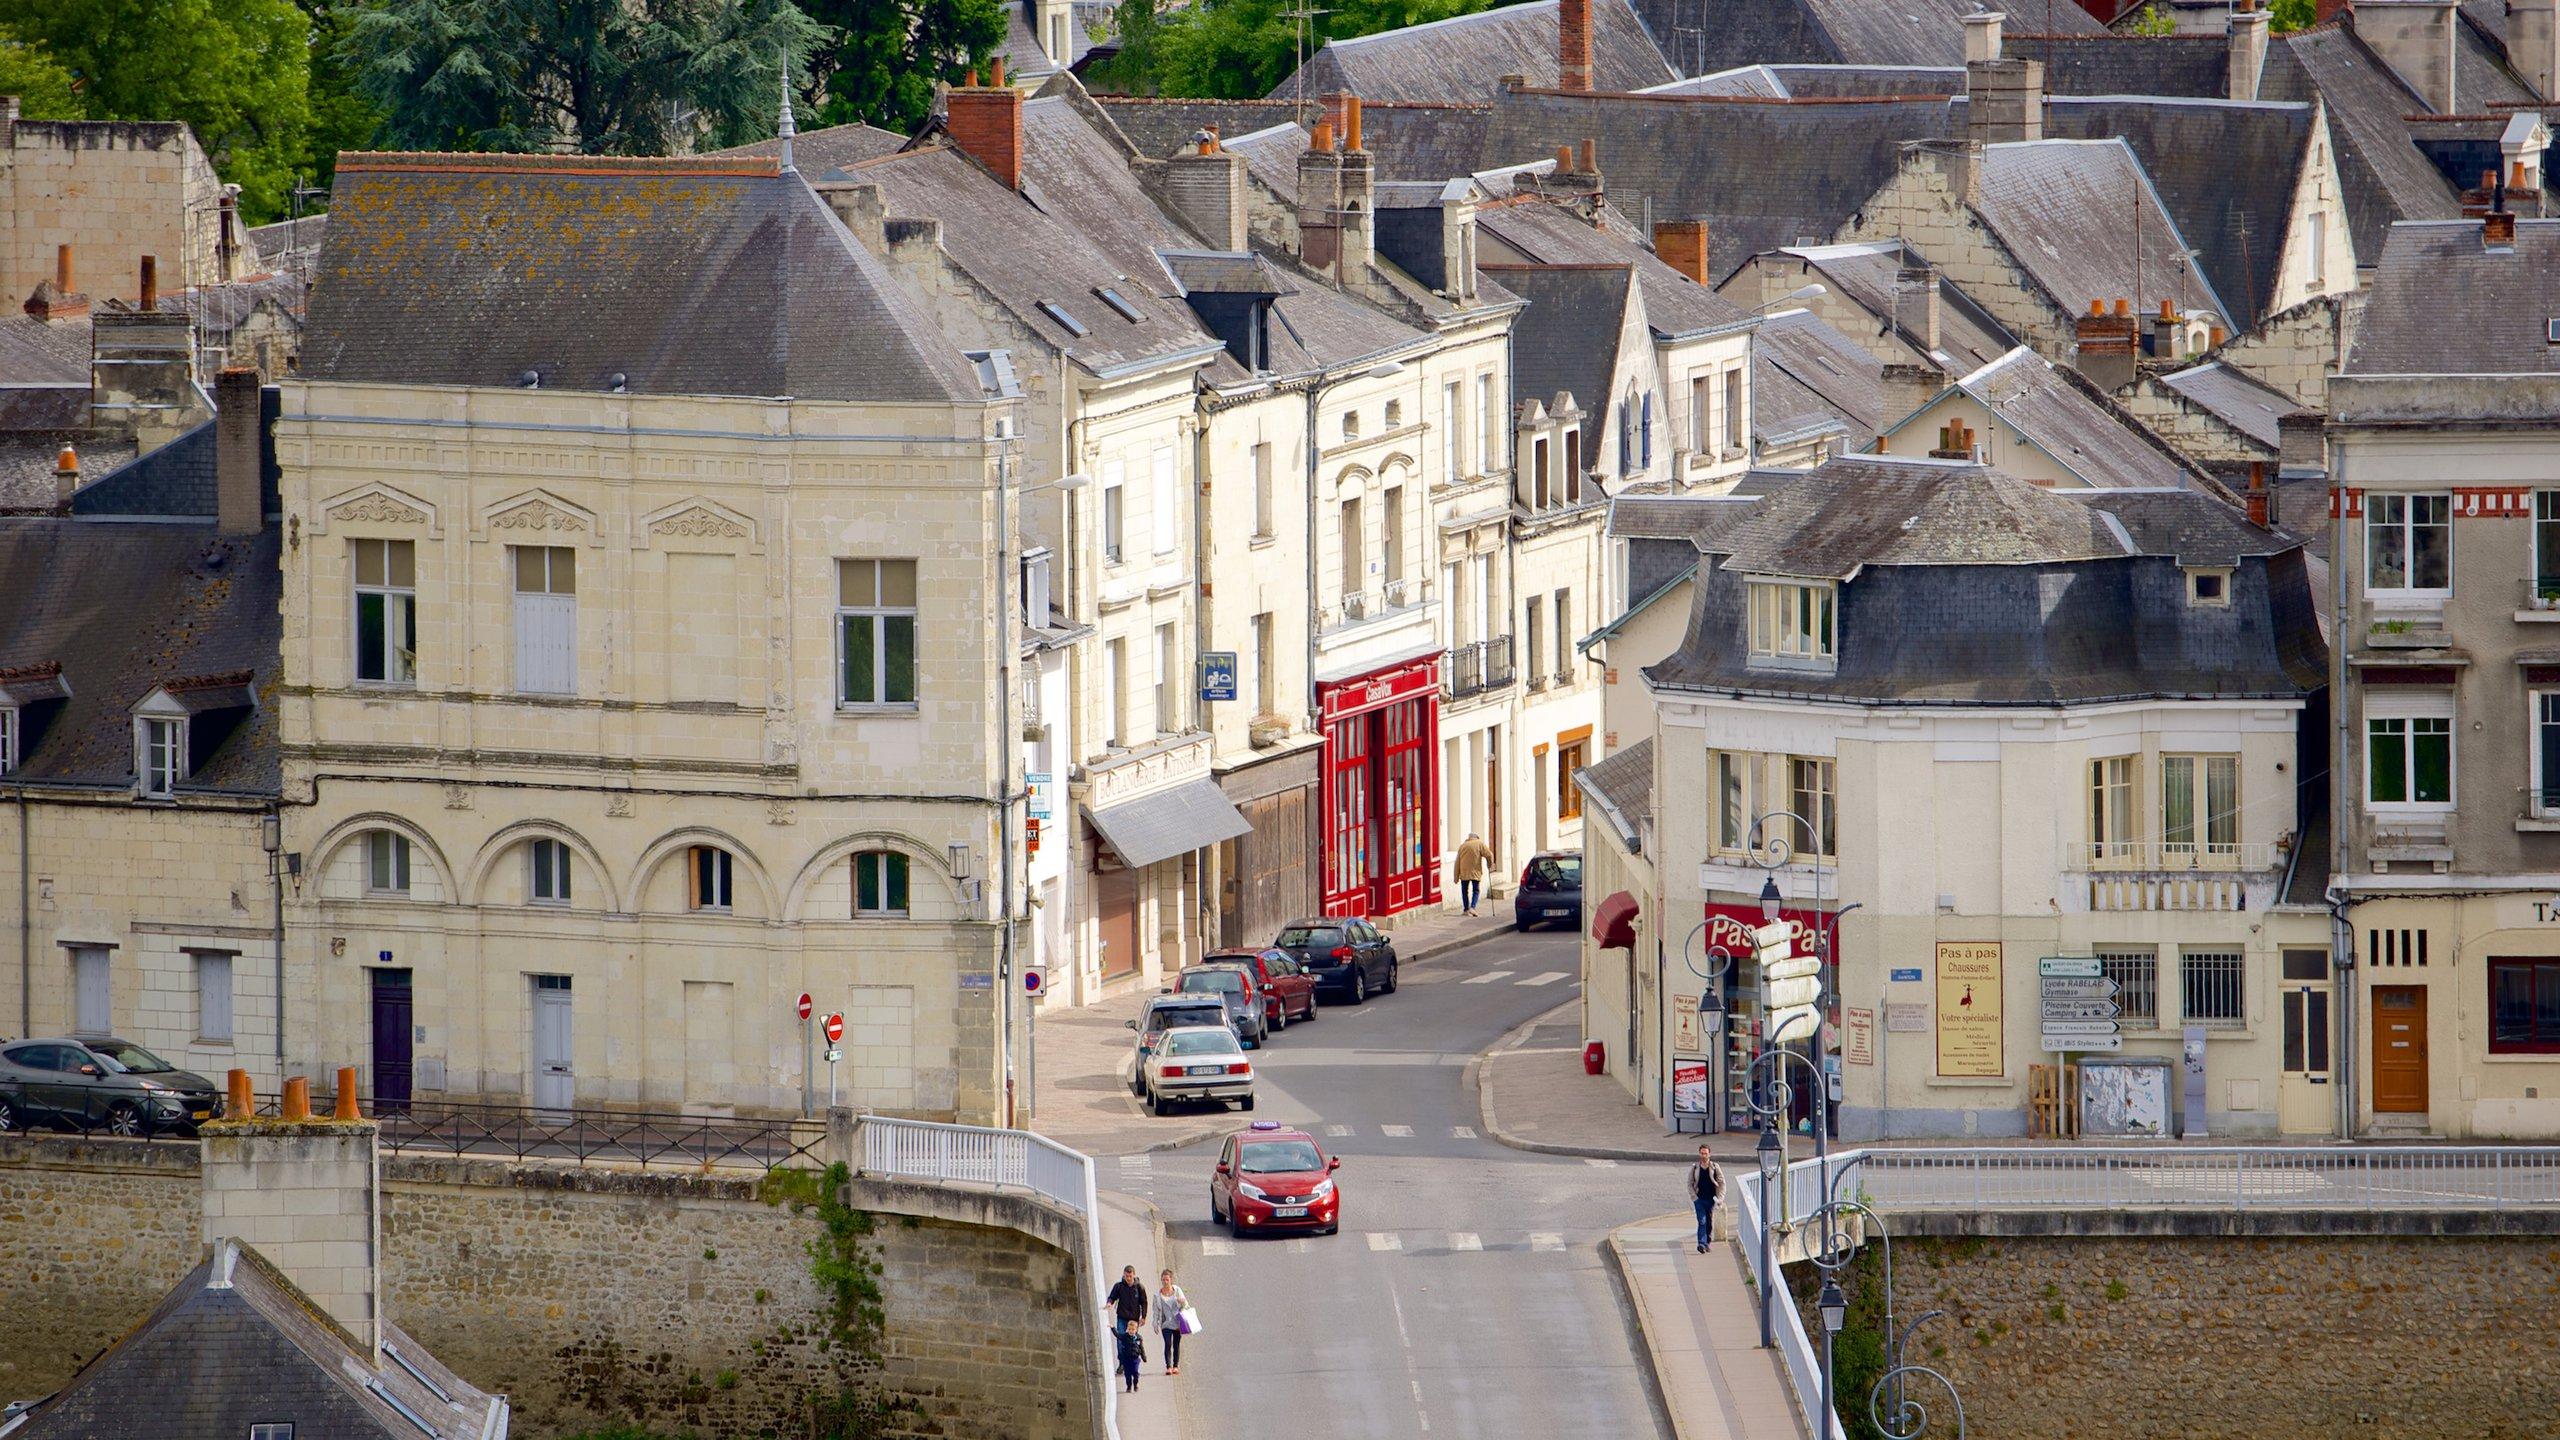 Chinon, Indre-et-Loire, France